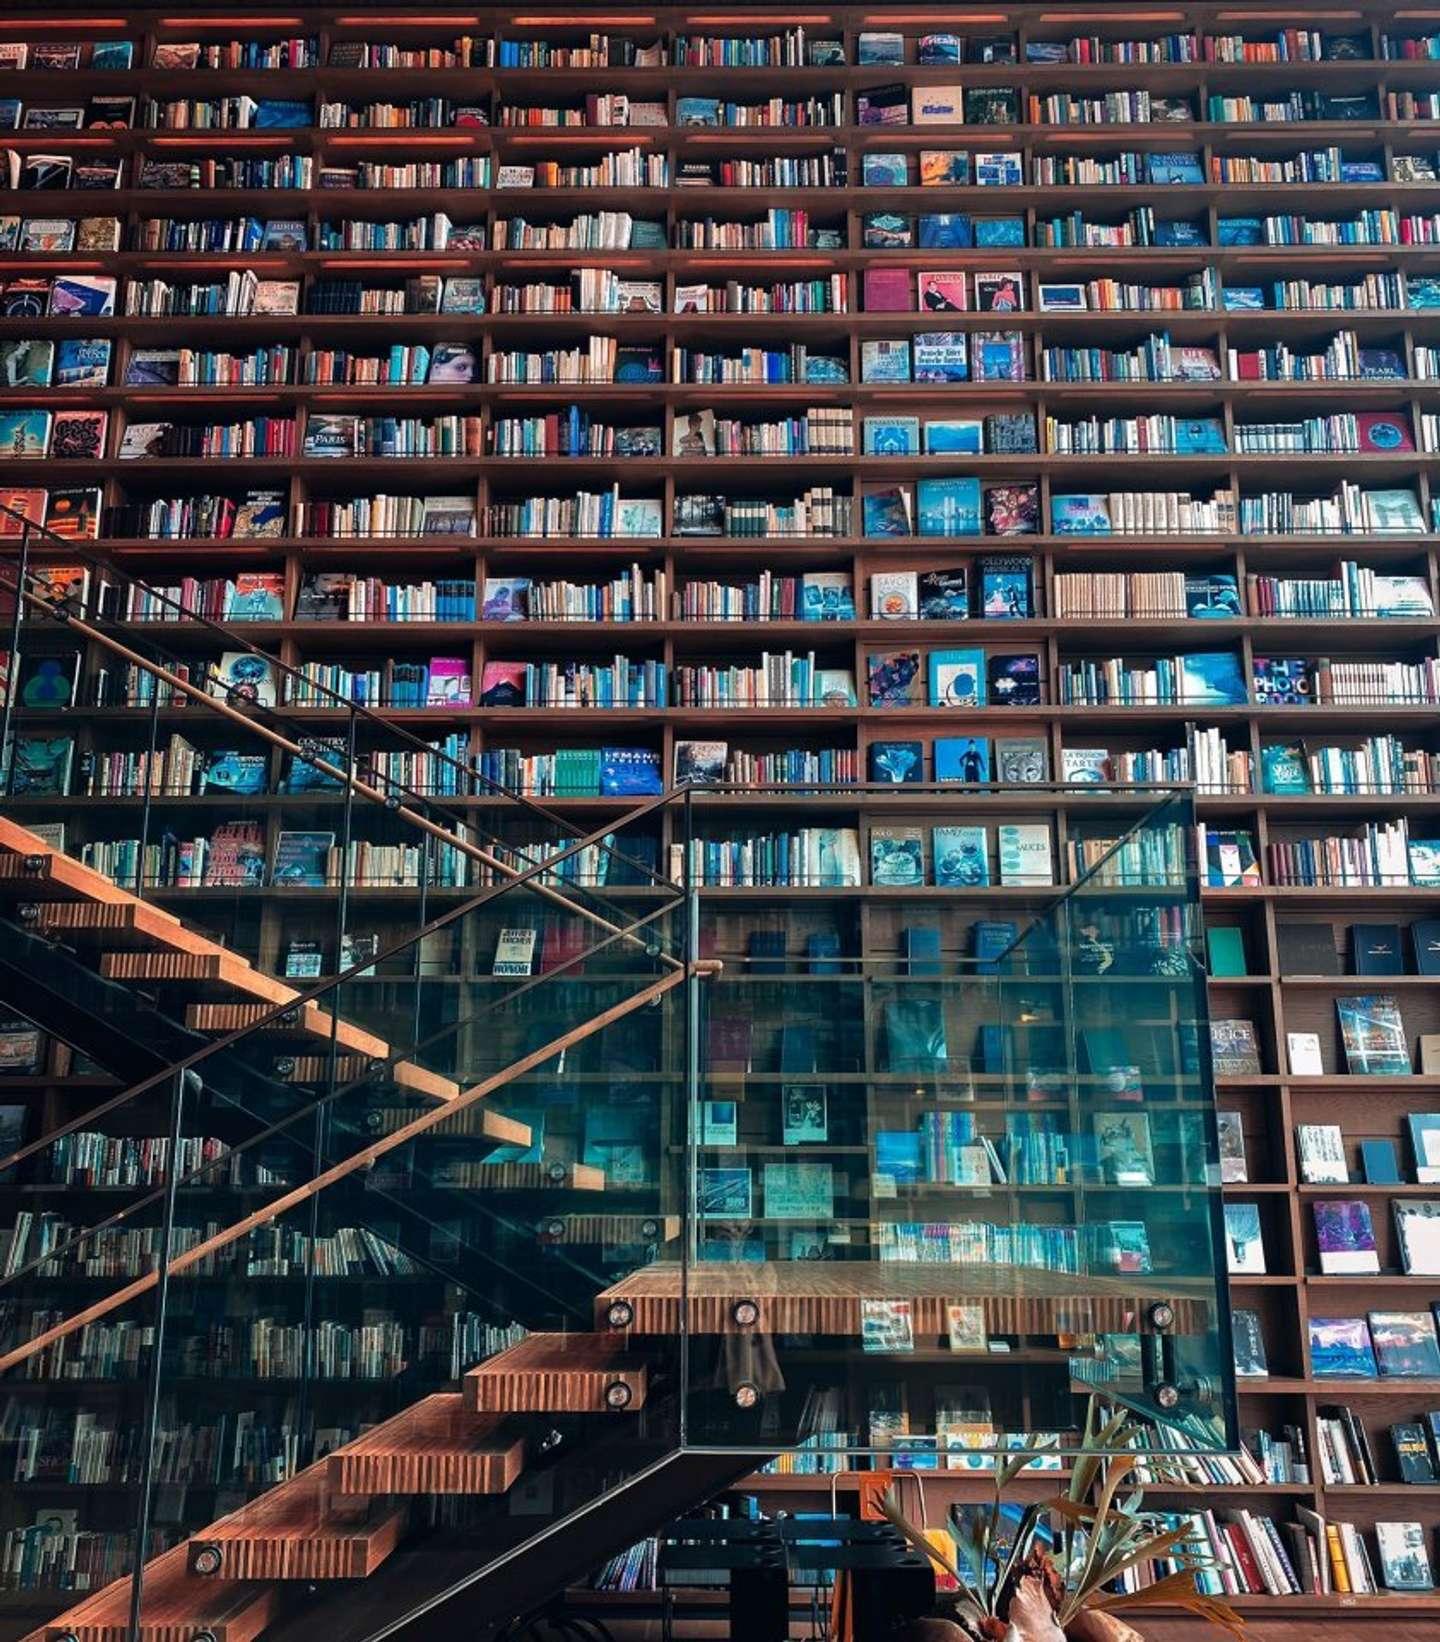 そびそびえ立つ本、本、本!(画像はShota@shnimohusさんのツイートより)